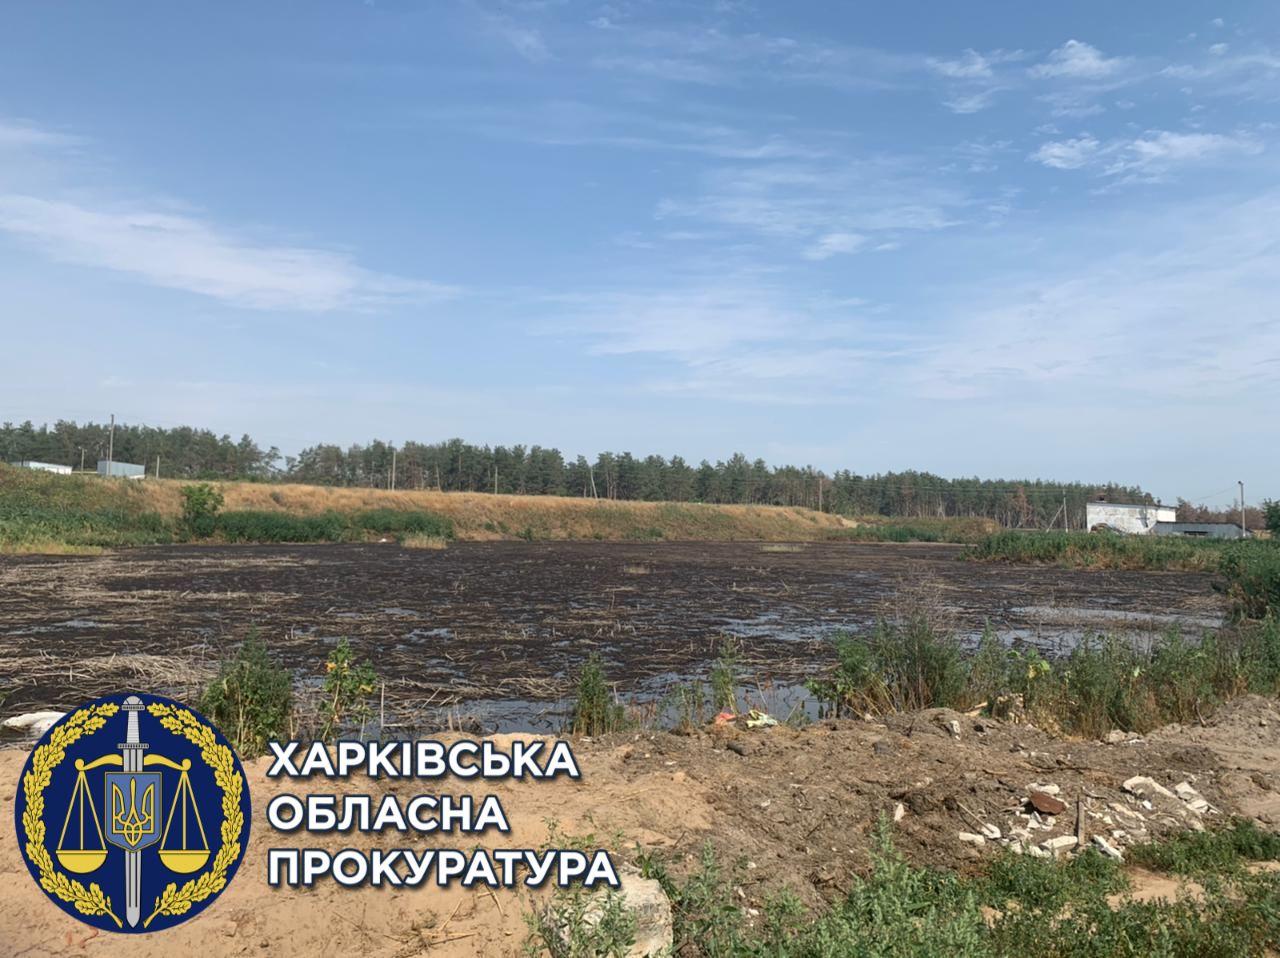 В Харьковской области свиноферма загрязняет земли отходами – прокуратура (фото)